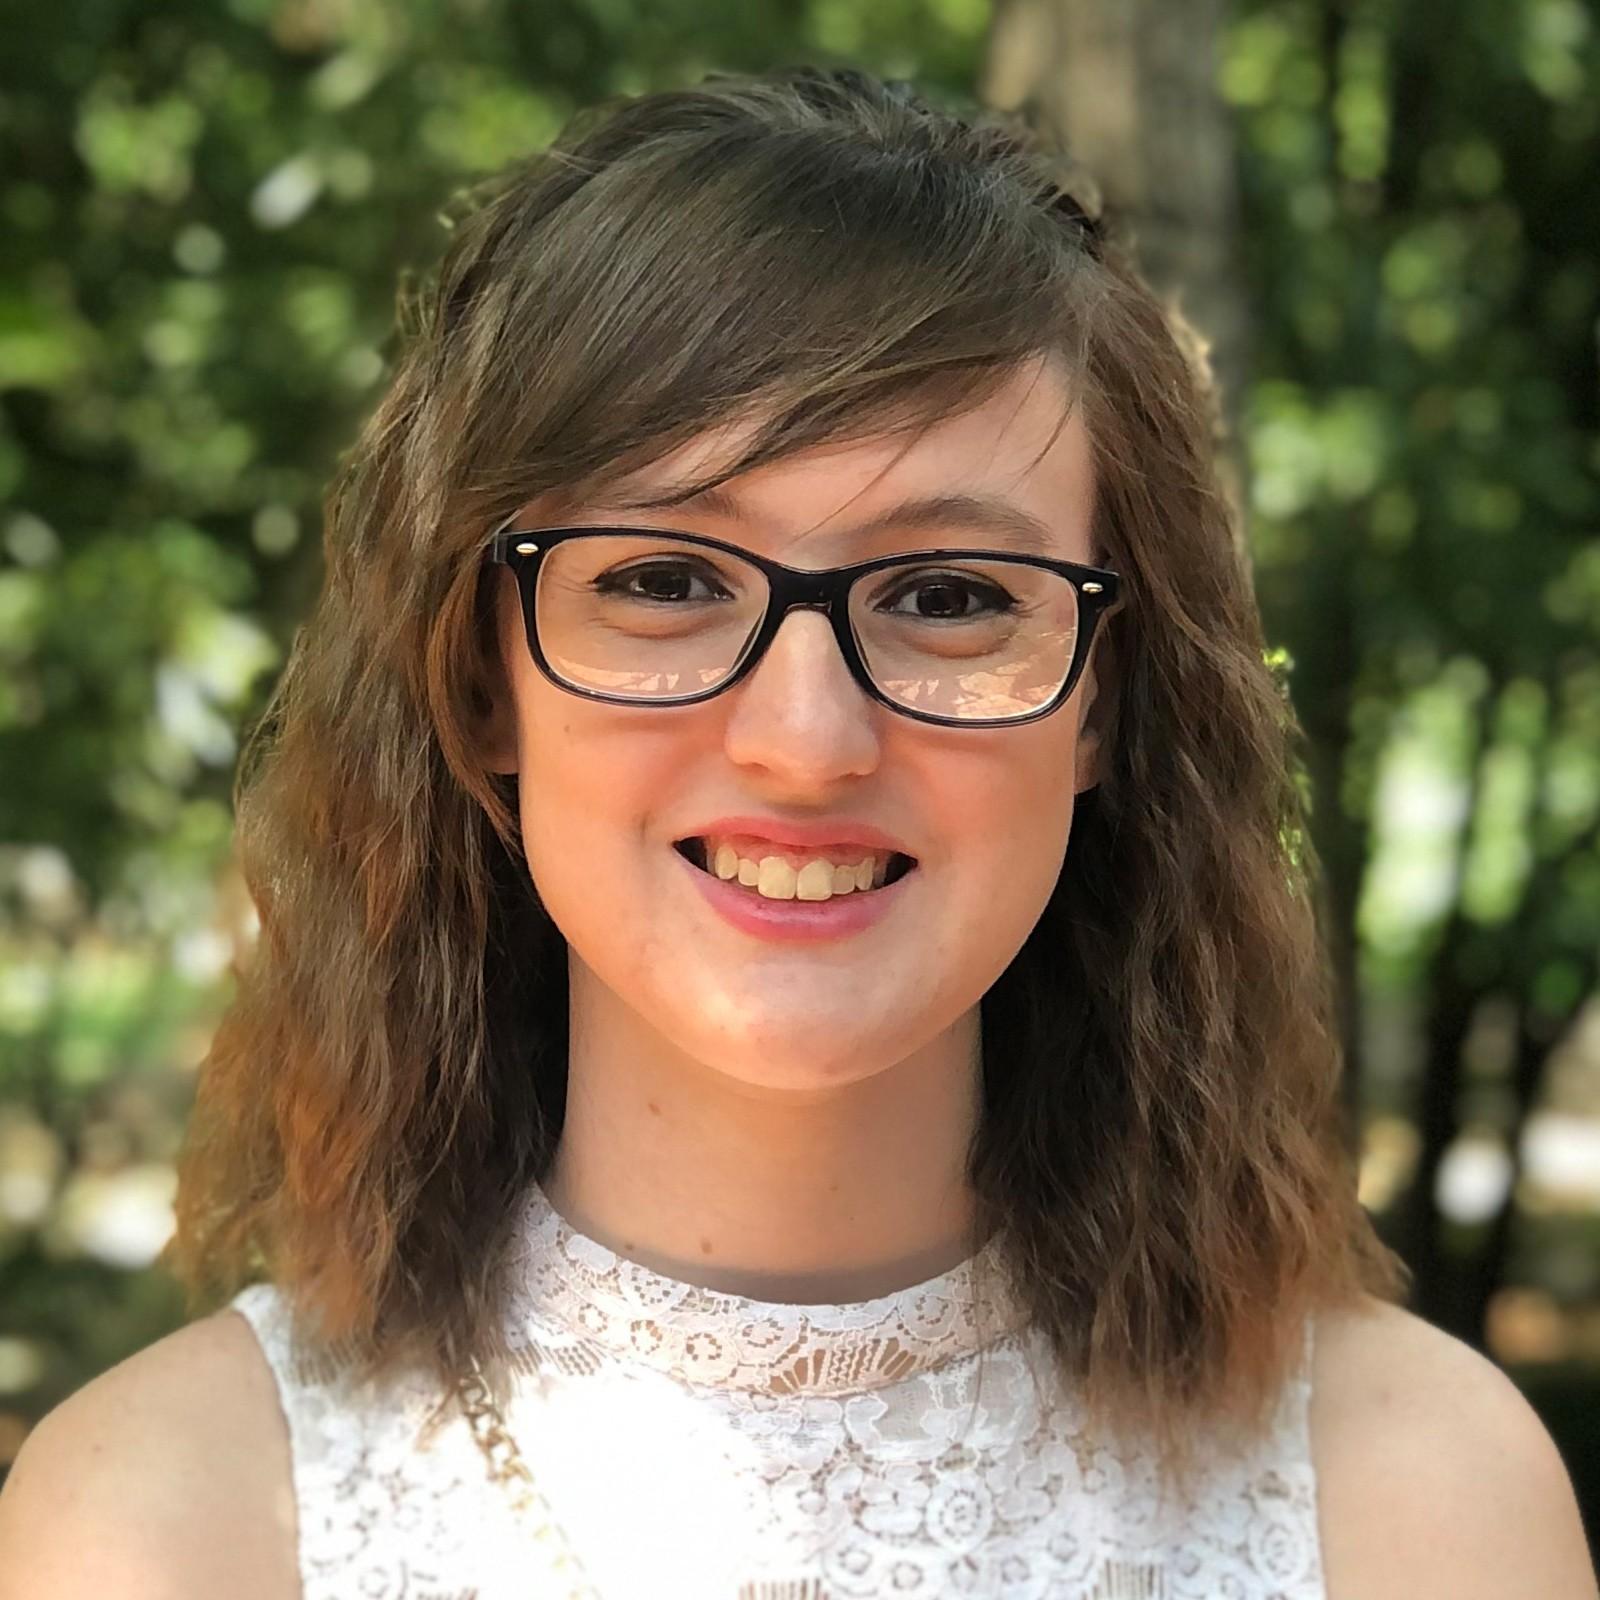 Madison LePain